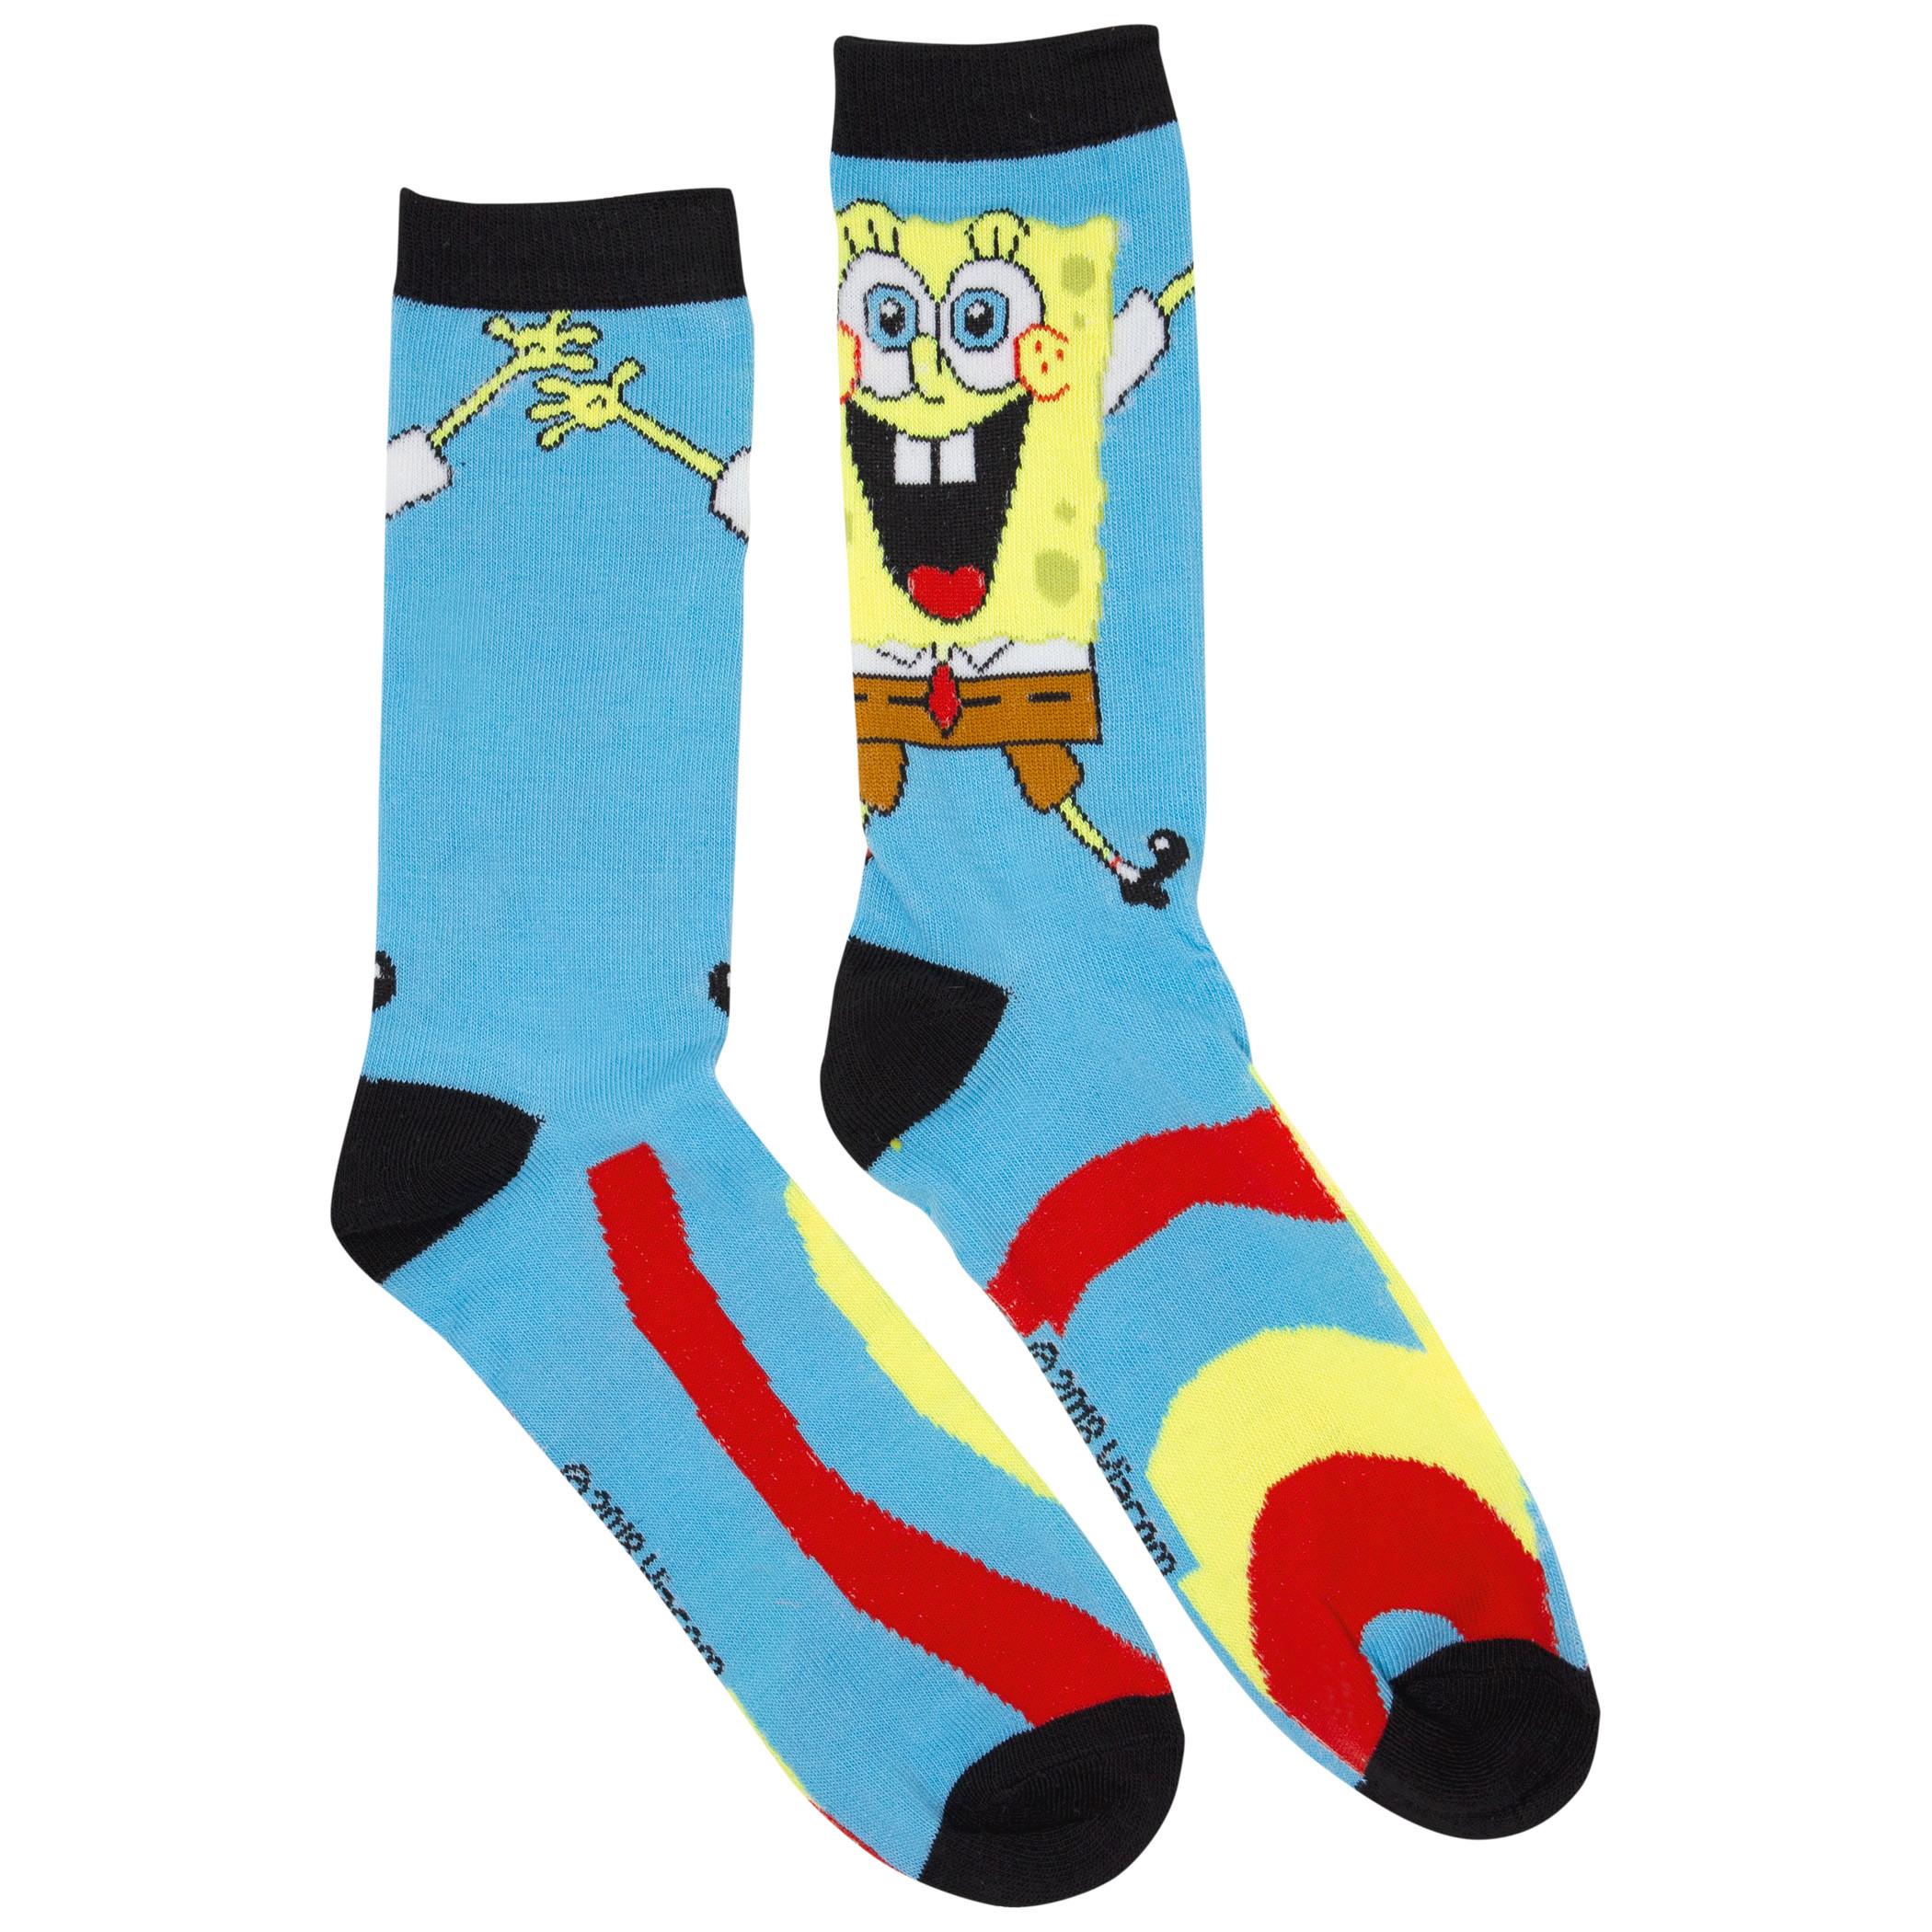 SpongeBob SquarePants 2-Pair Pack Crew Socks